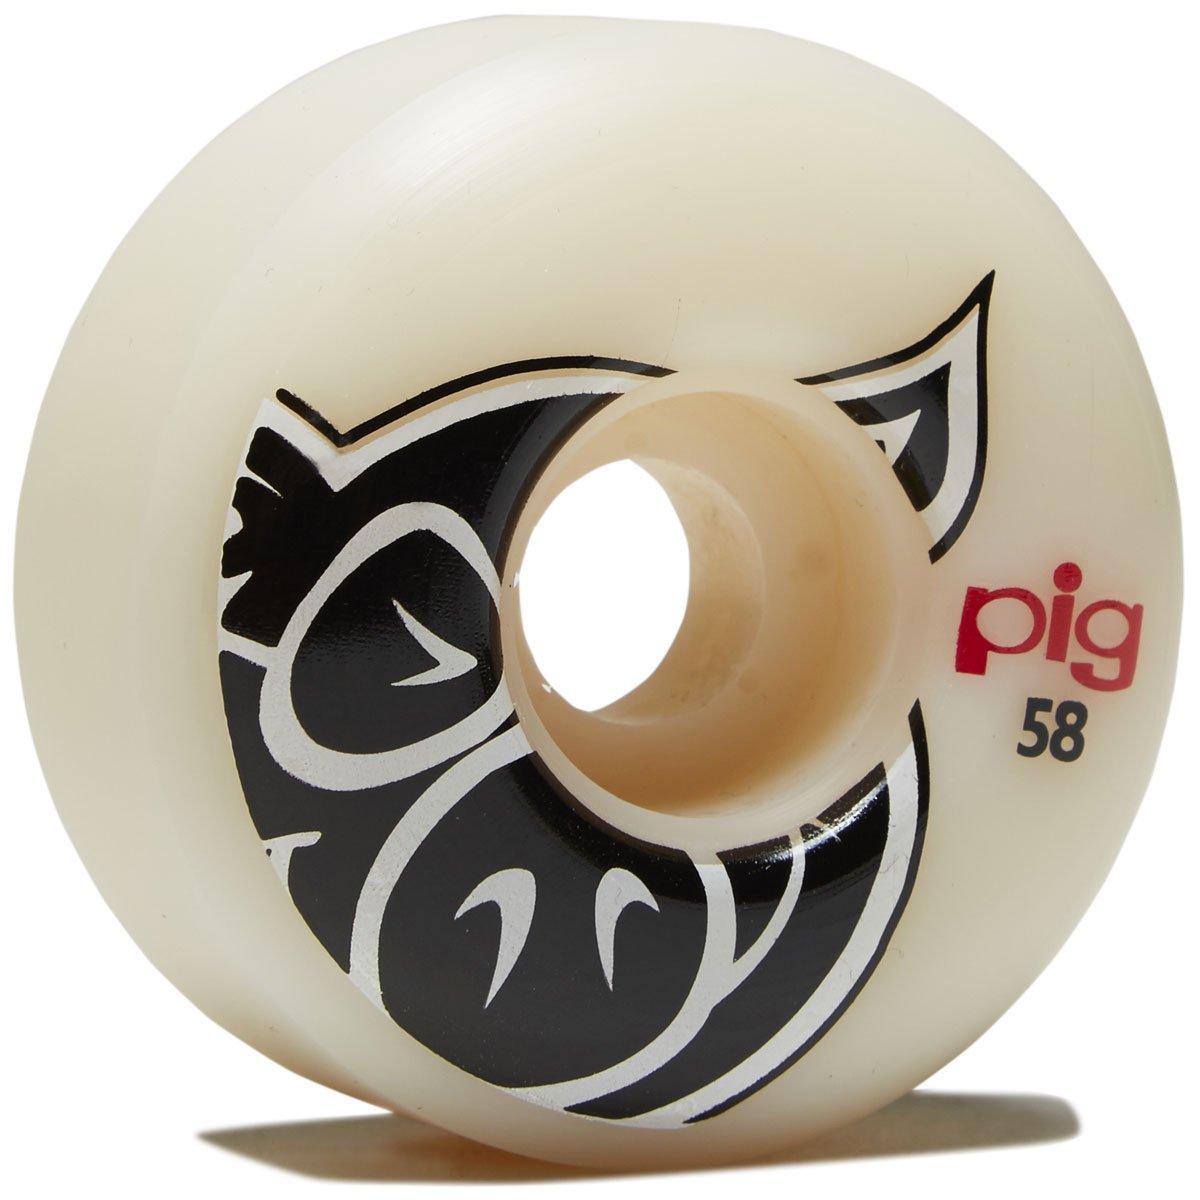 Pig Head Naturalスケートボードホイール – 58 mm   B07BRB8KQX